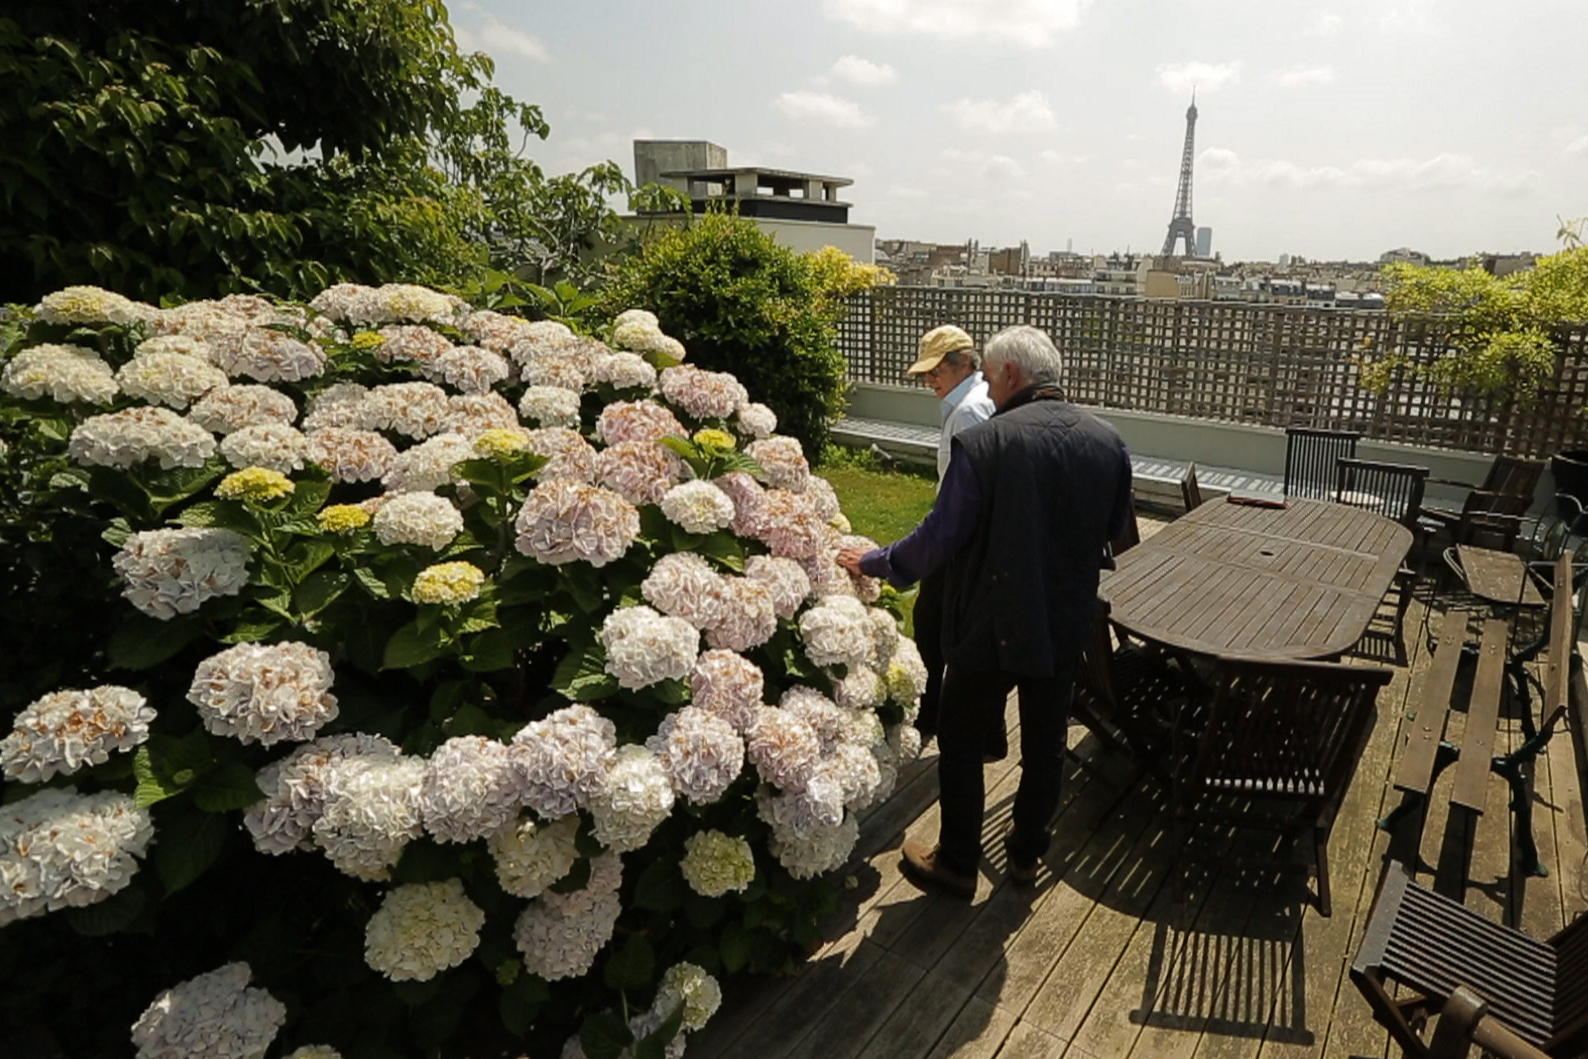 Passion jardins l2 films - Pierre alexandre risser ...